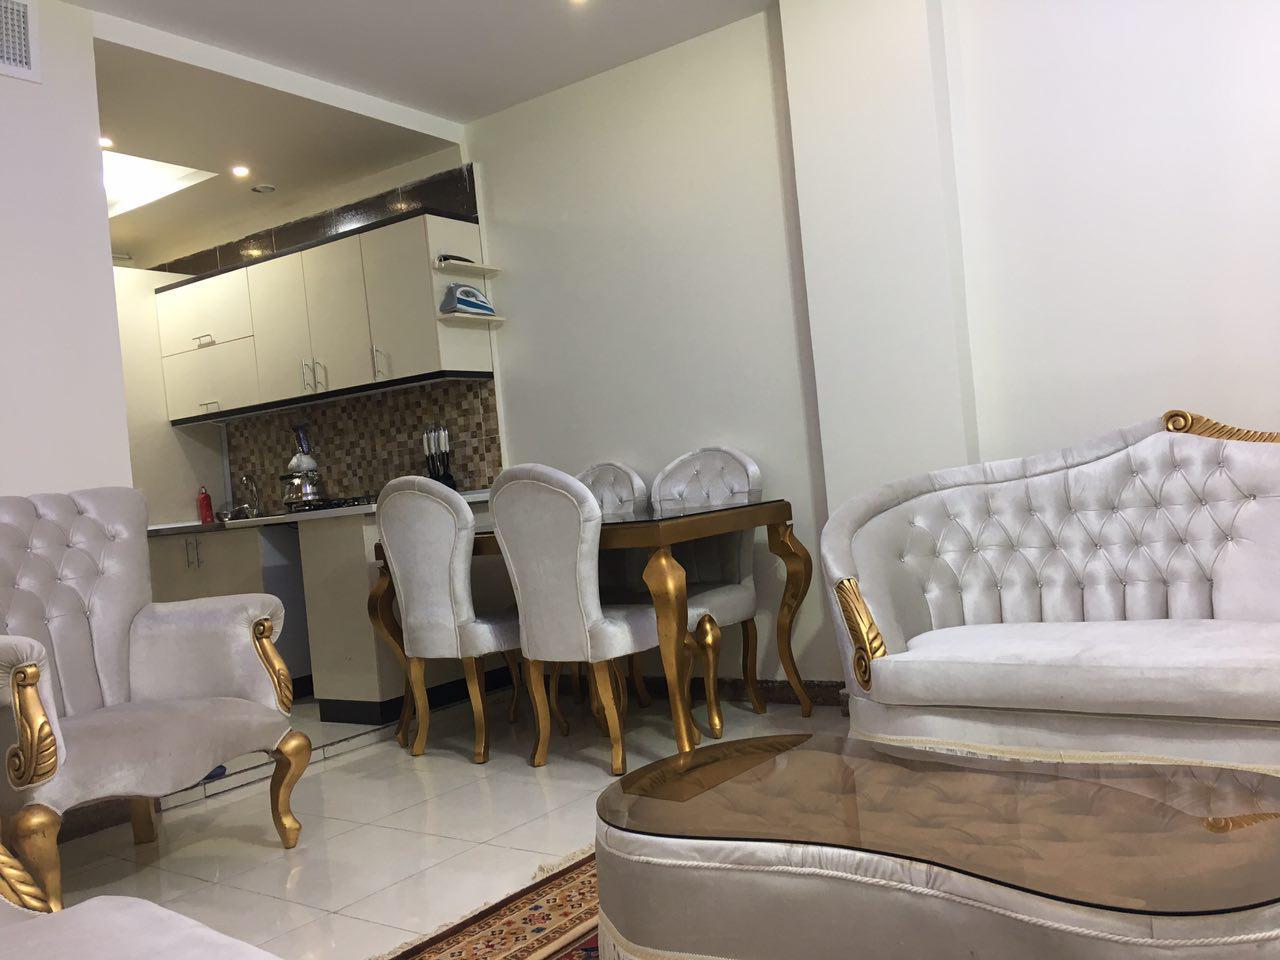 رهن آپارتمان مبله در اصفهان DQ8409 | اسکان لند